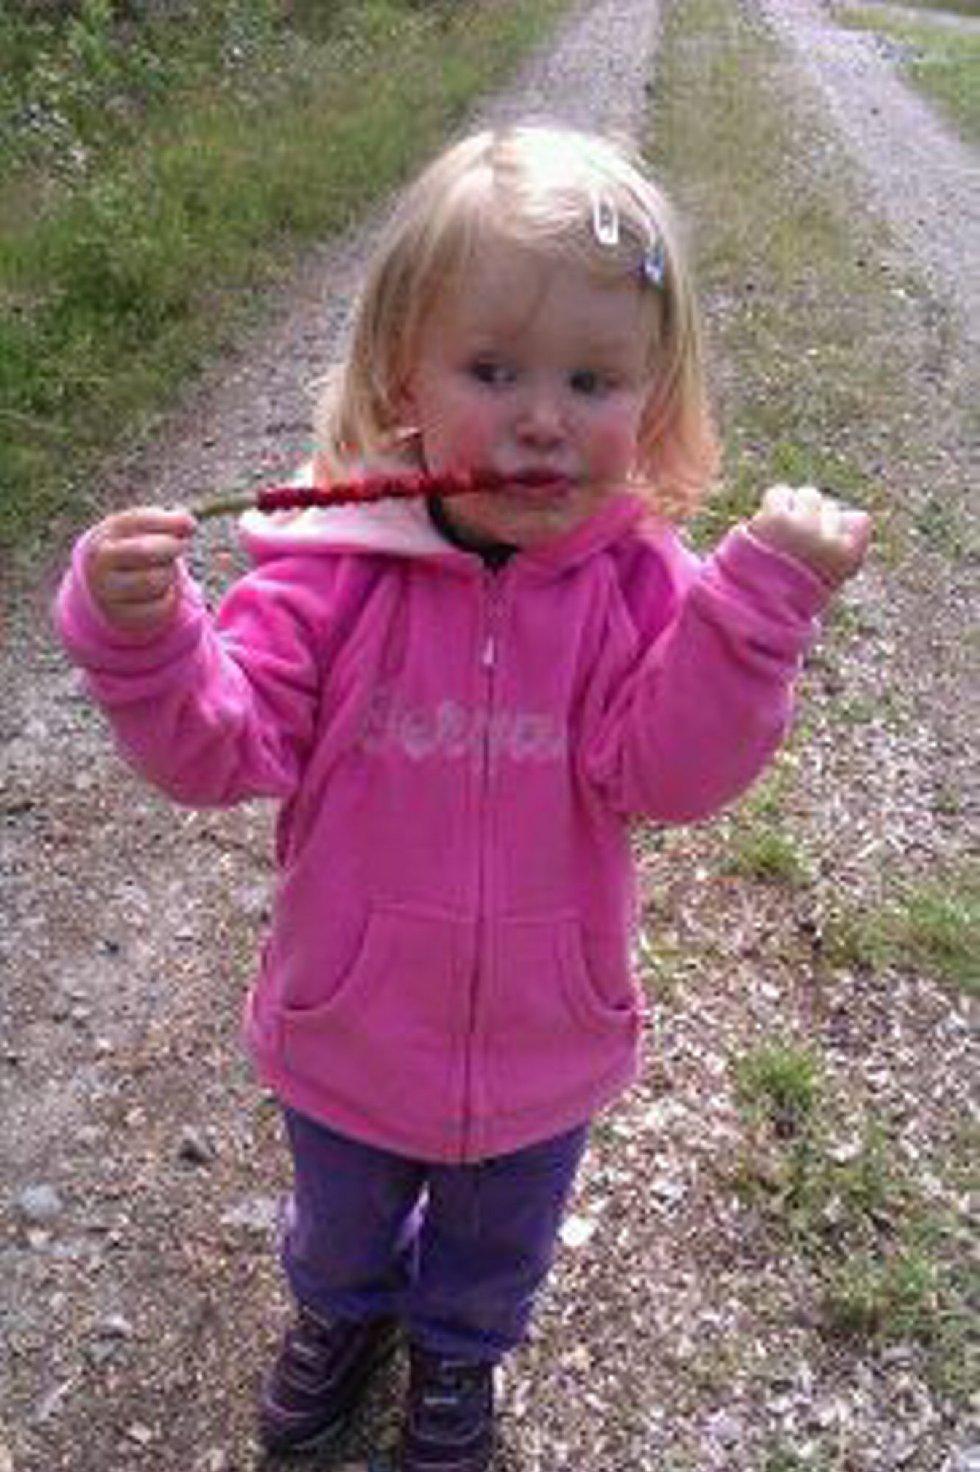 Mathilde Martinsen Ringstad elsker markjordbær! Og de var det mange av ved Sagstusjøen. Hun hilser til venner og kjente. Foto: Farmor Gro Ringstad (Foto: )